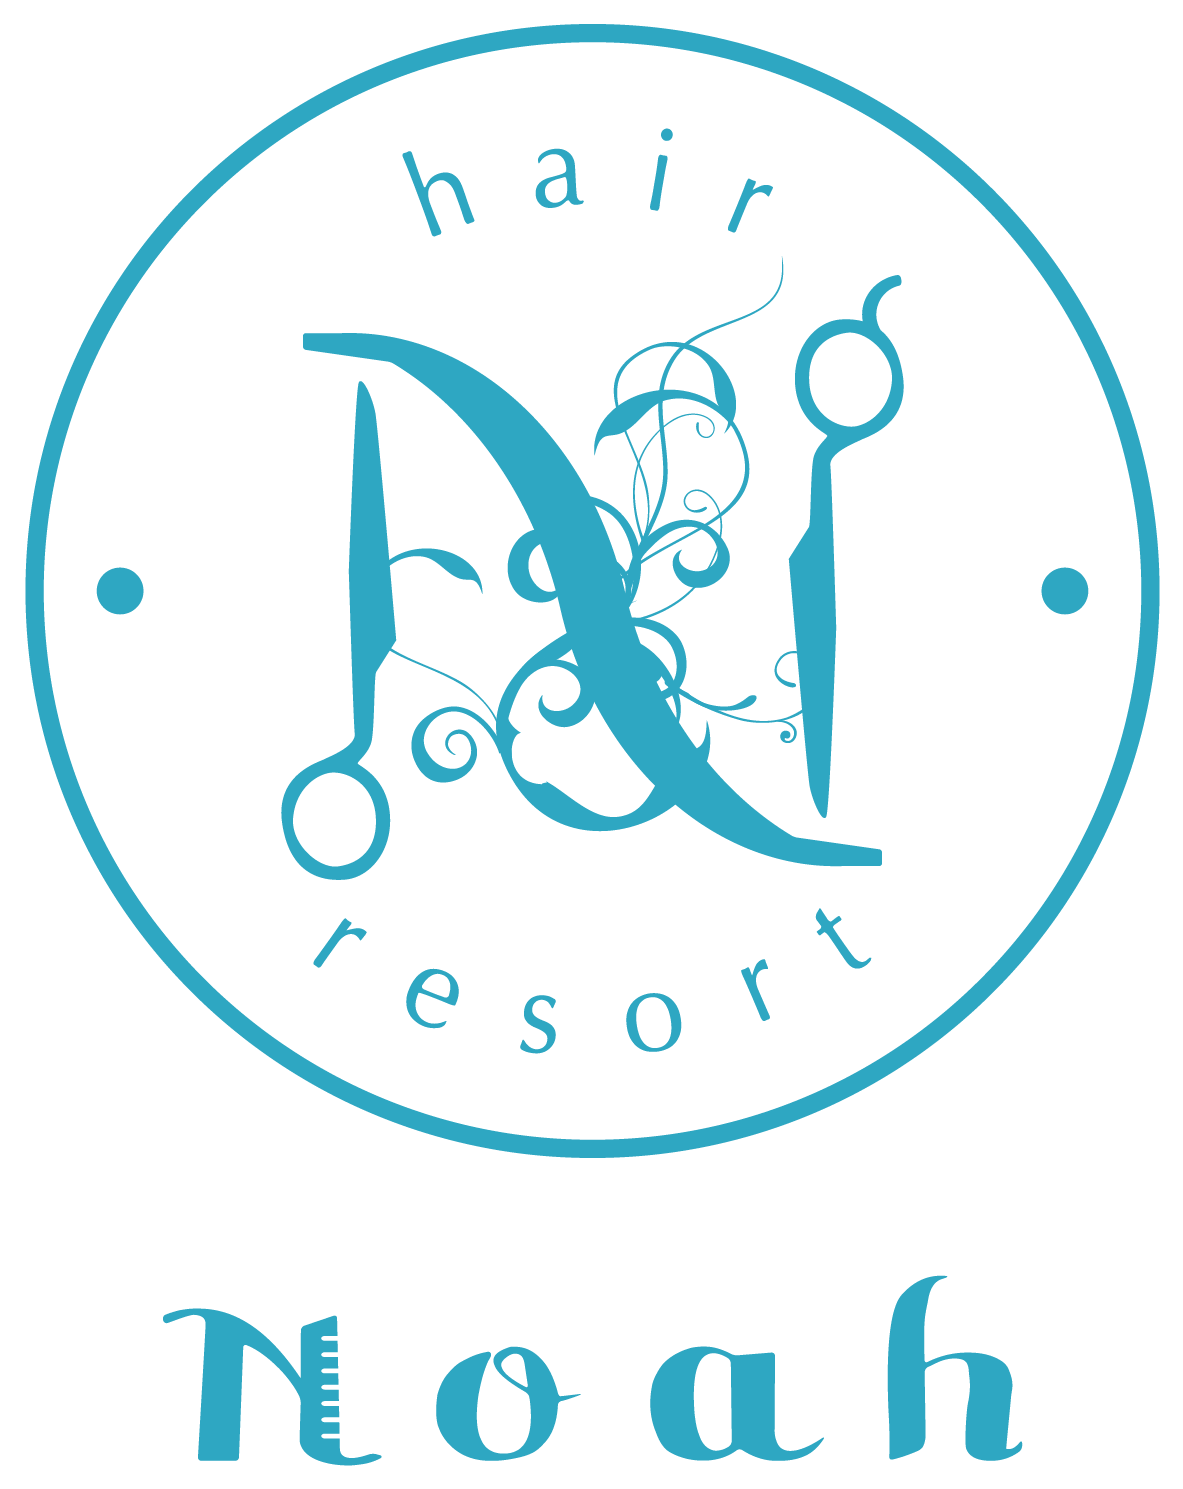 美容室/理髪店/美容系サロンと親しみ/優しいと青のロゴ